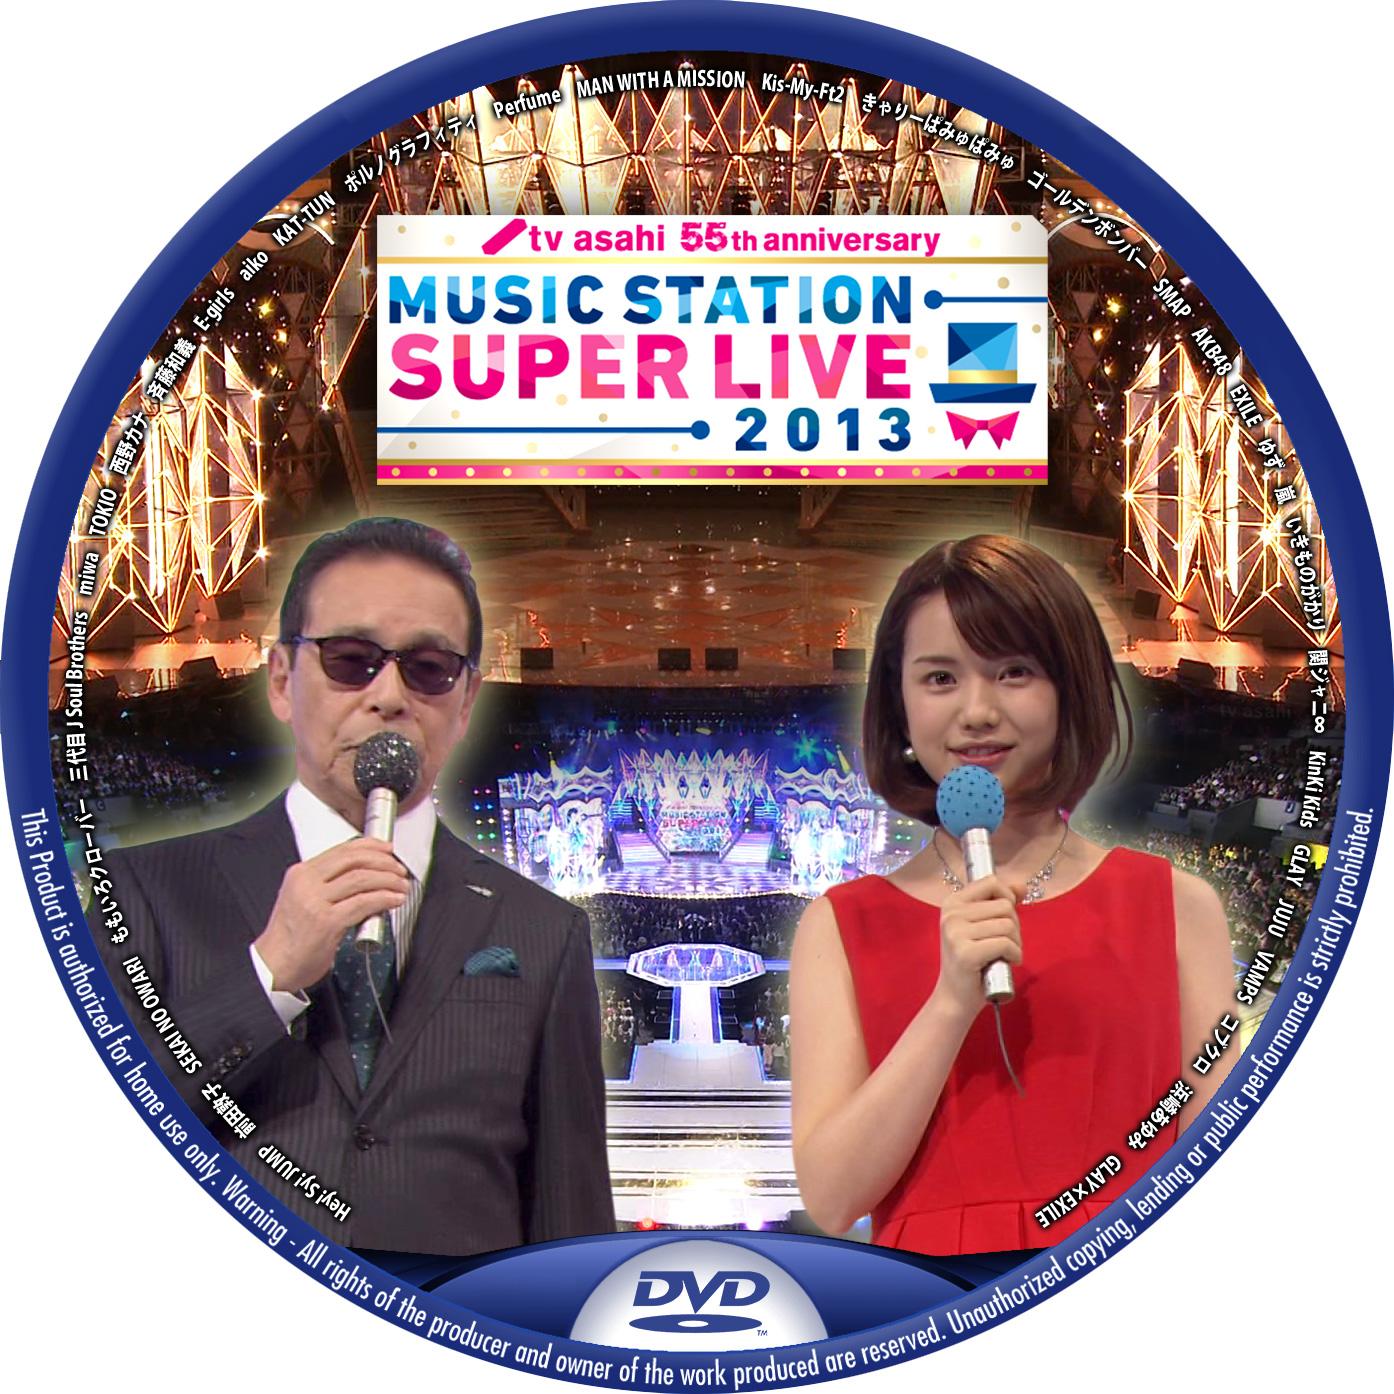 ミュージックステーション Super Live 2013 DVDラベル